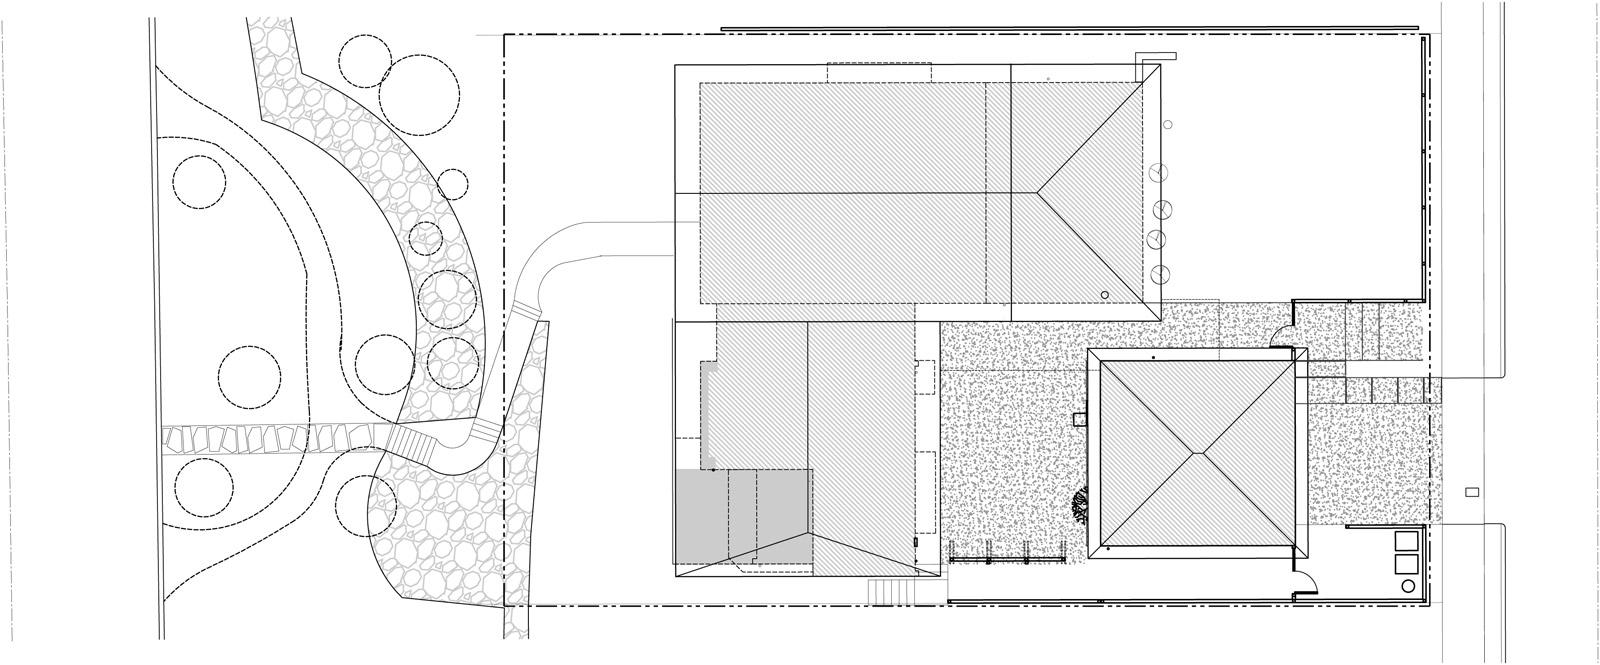 Magnolia-site-plan